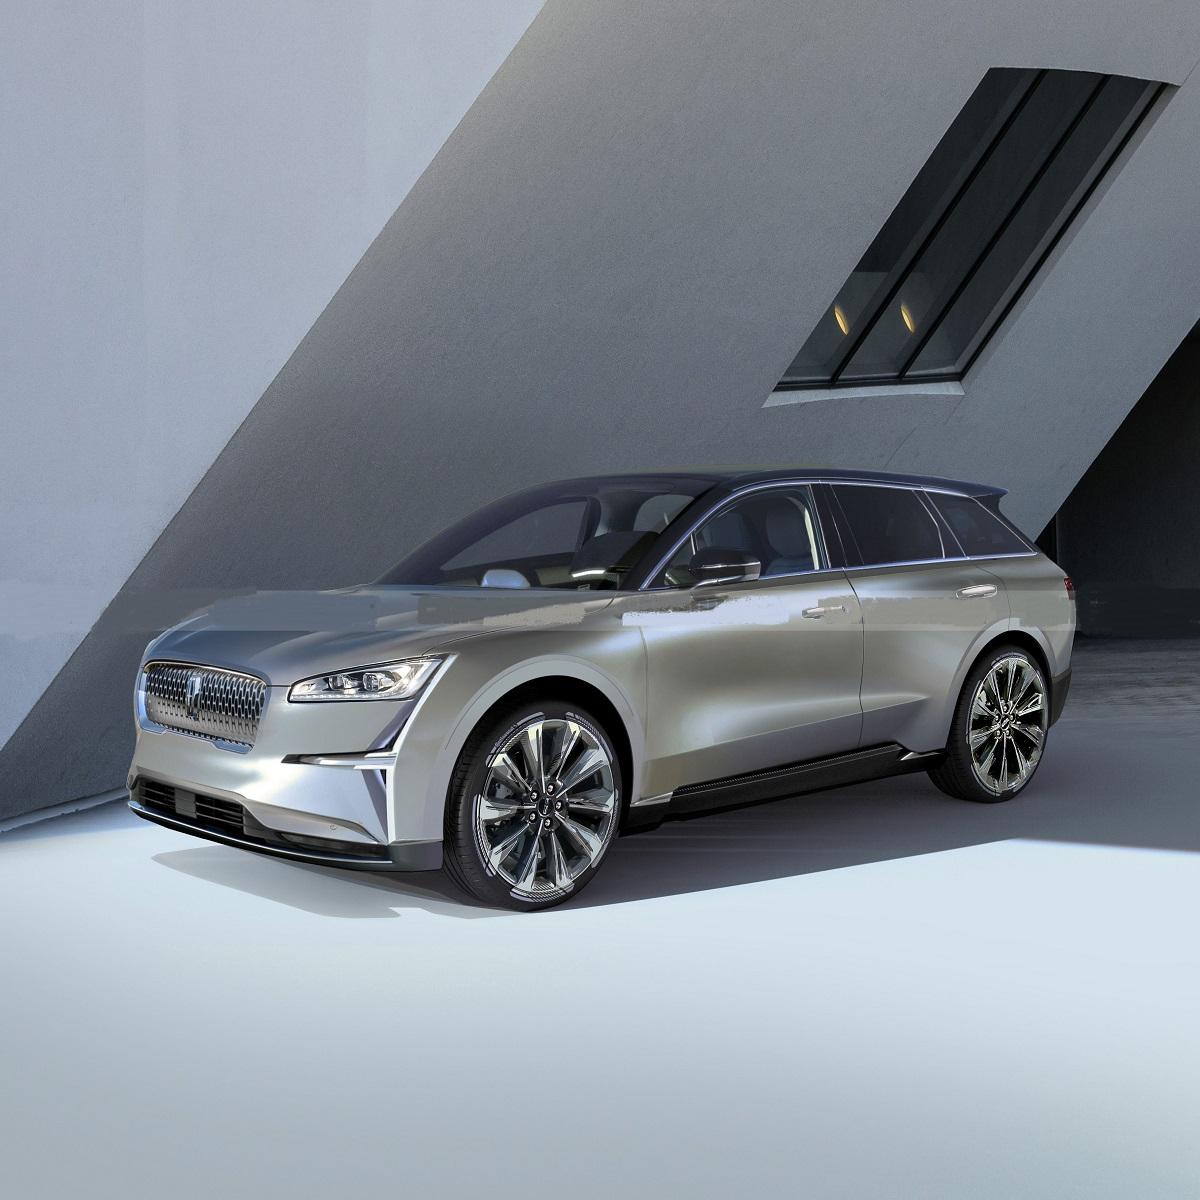 2022 Lincoln Mark E